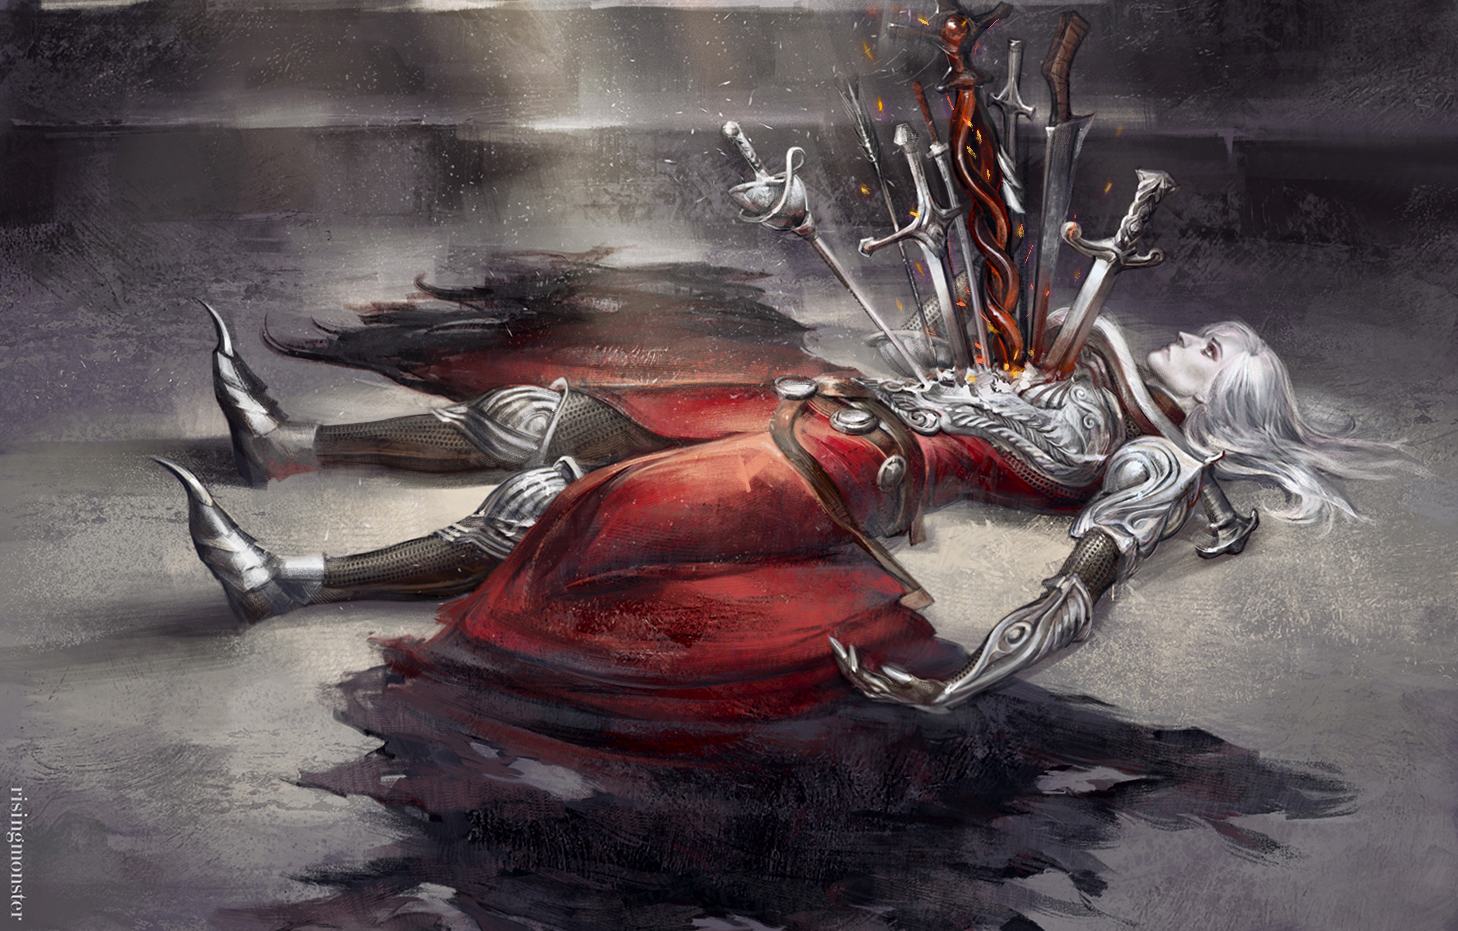 Dark Souls 3 Sword that may